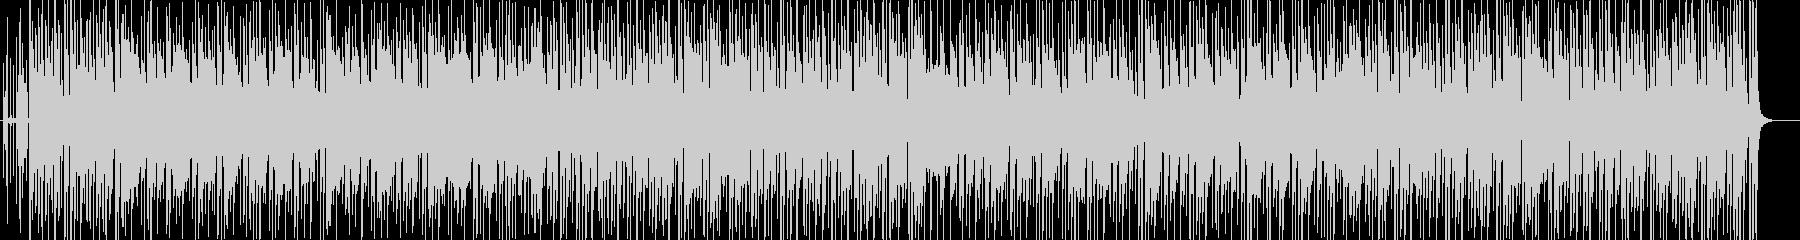 聴き馴染んだ曲をチャチャチャにの未再生の波形